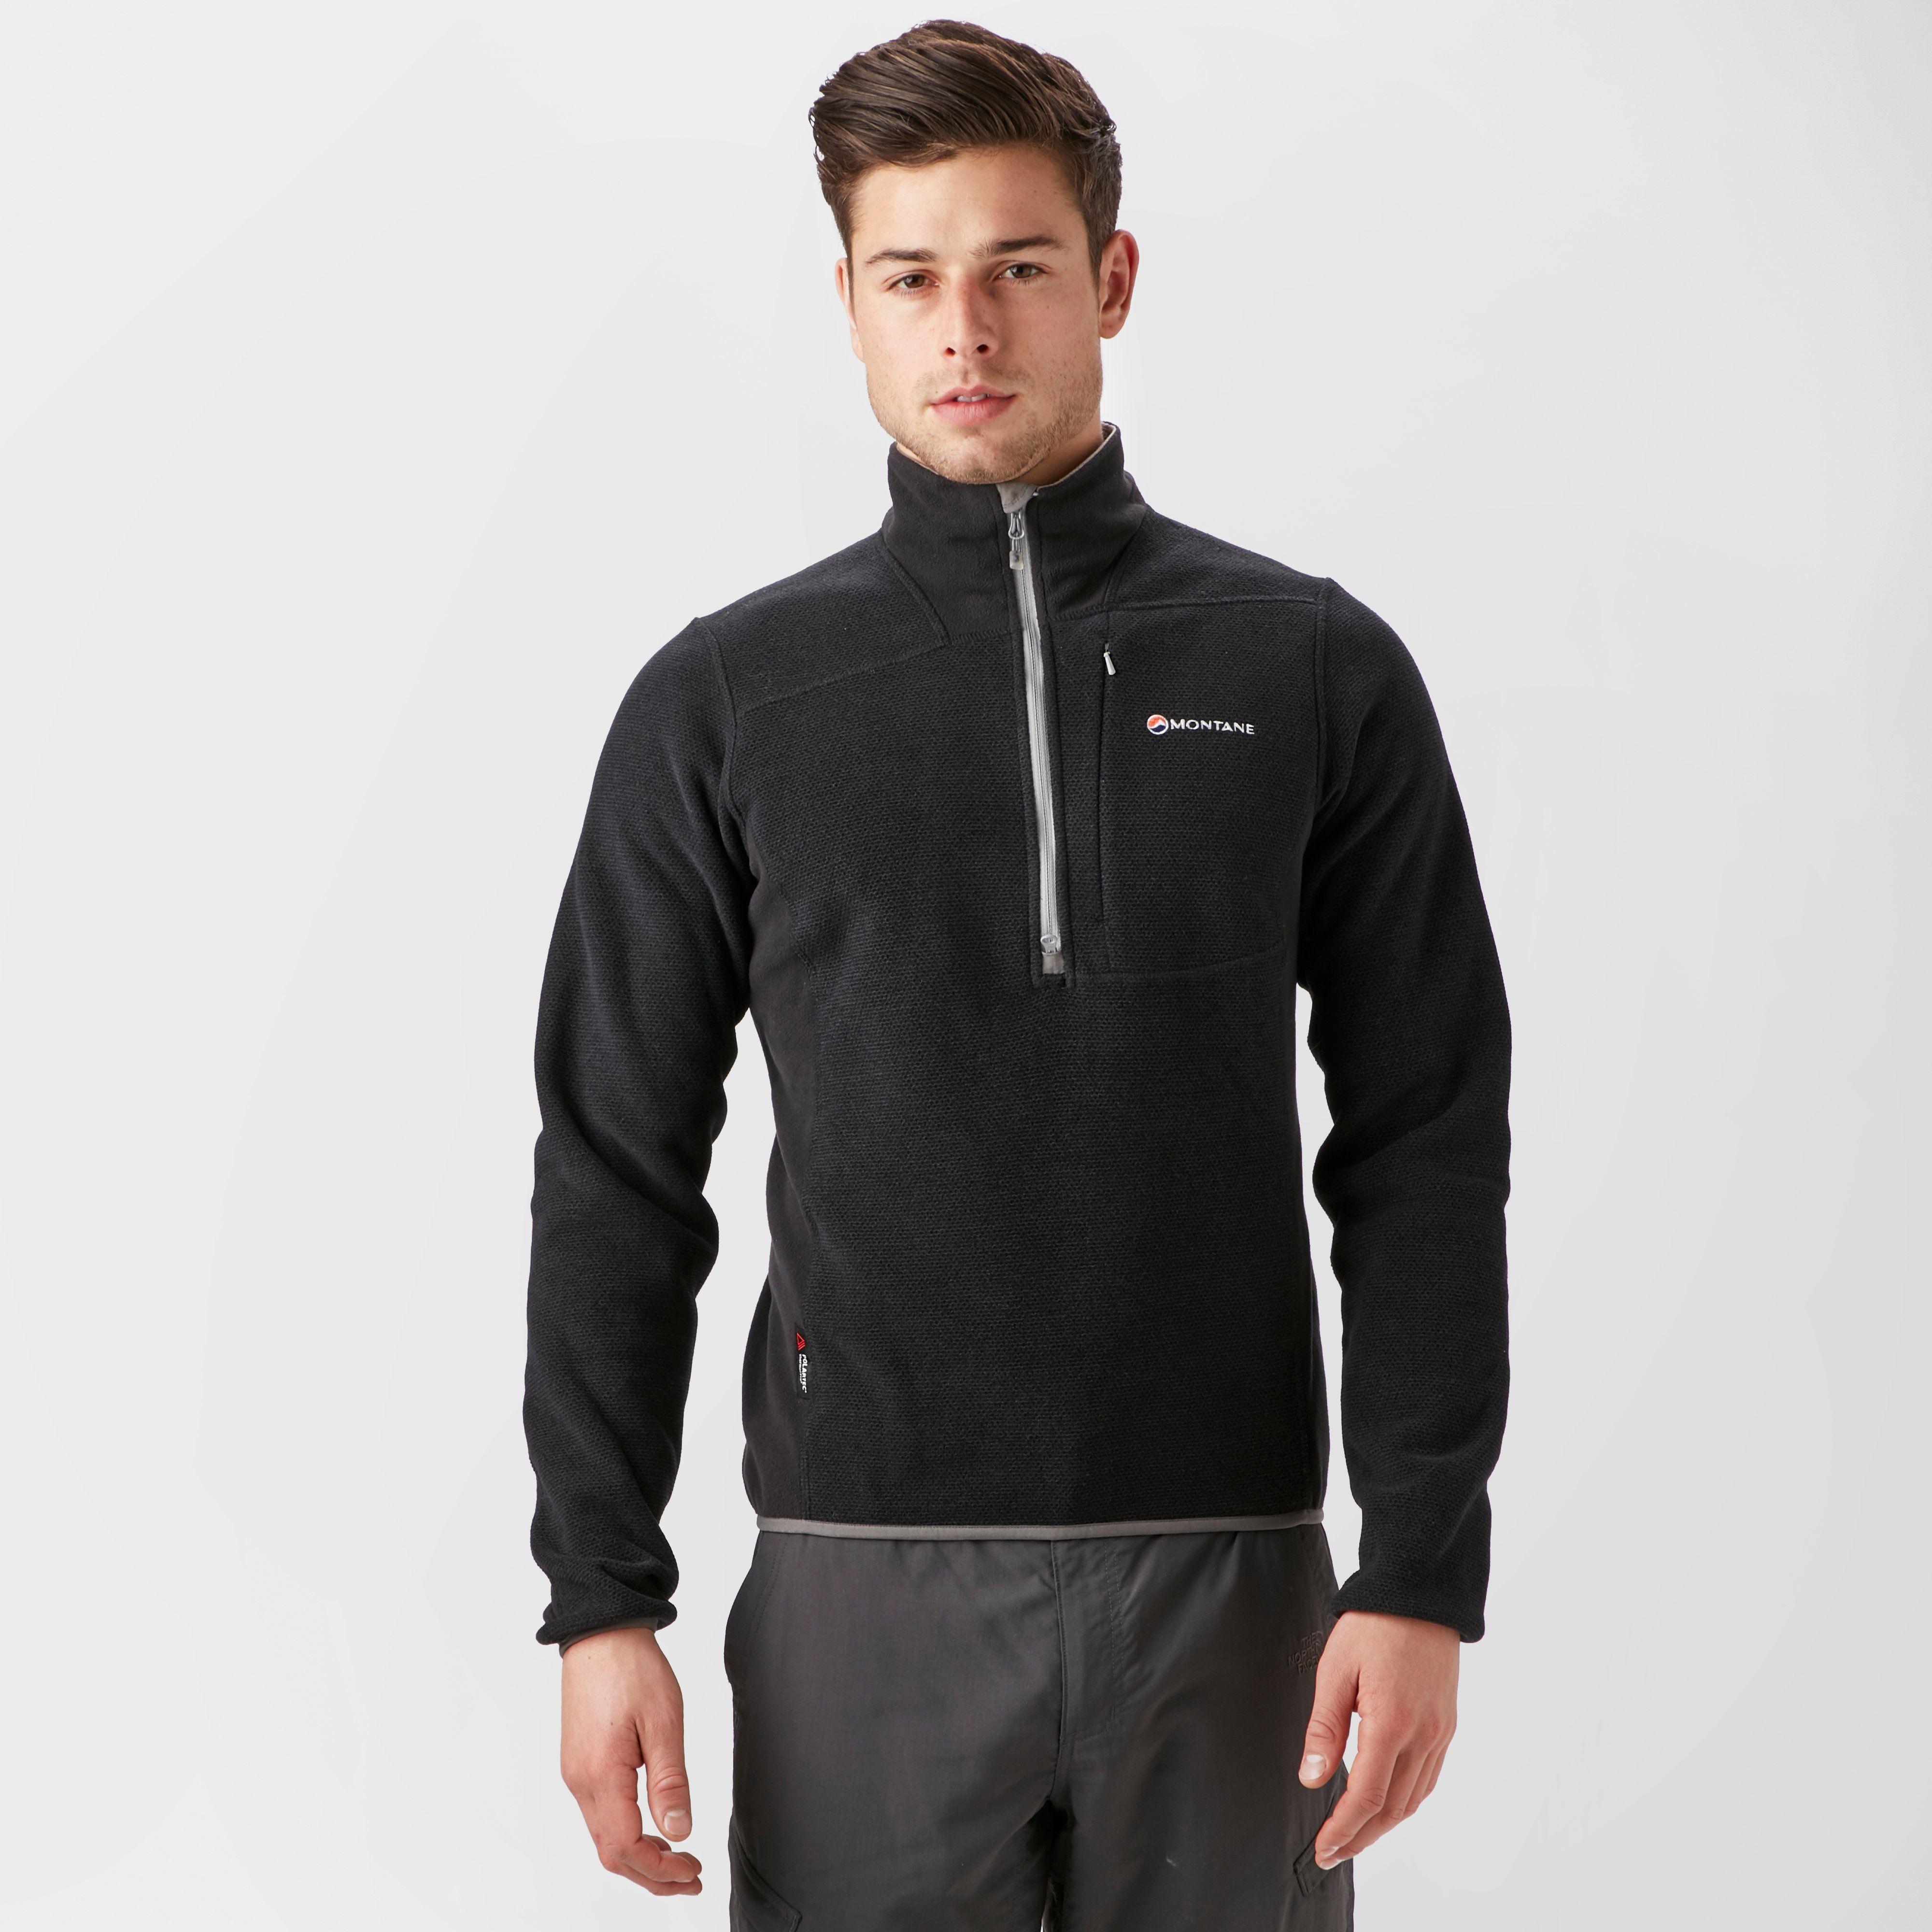 MONTANE Men's Volt Polartec® Fleece